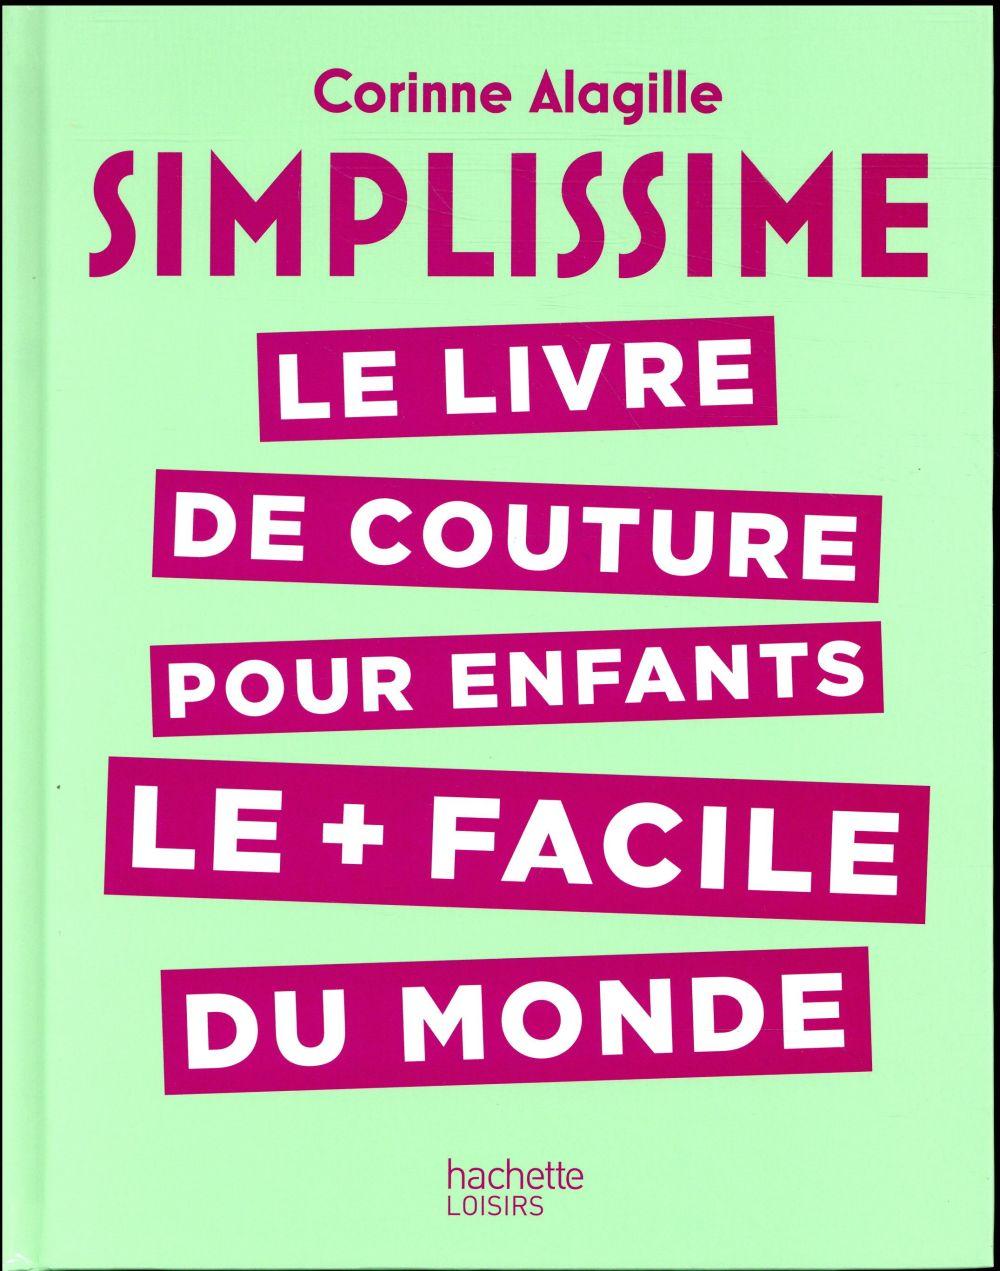 Simplissime ; le livre de couture pour enfants le + facile du monde